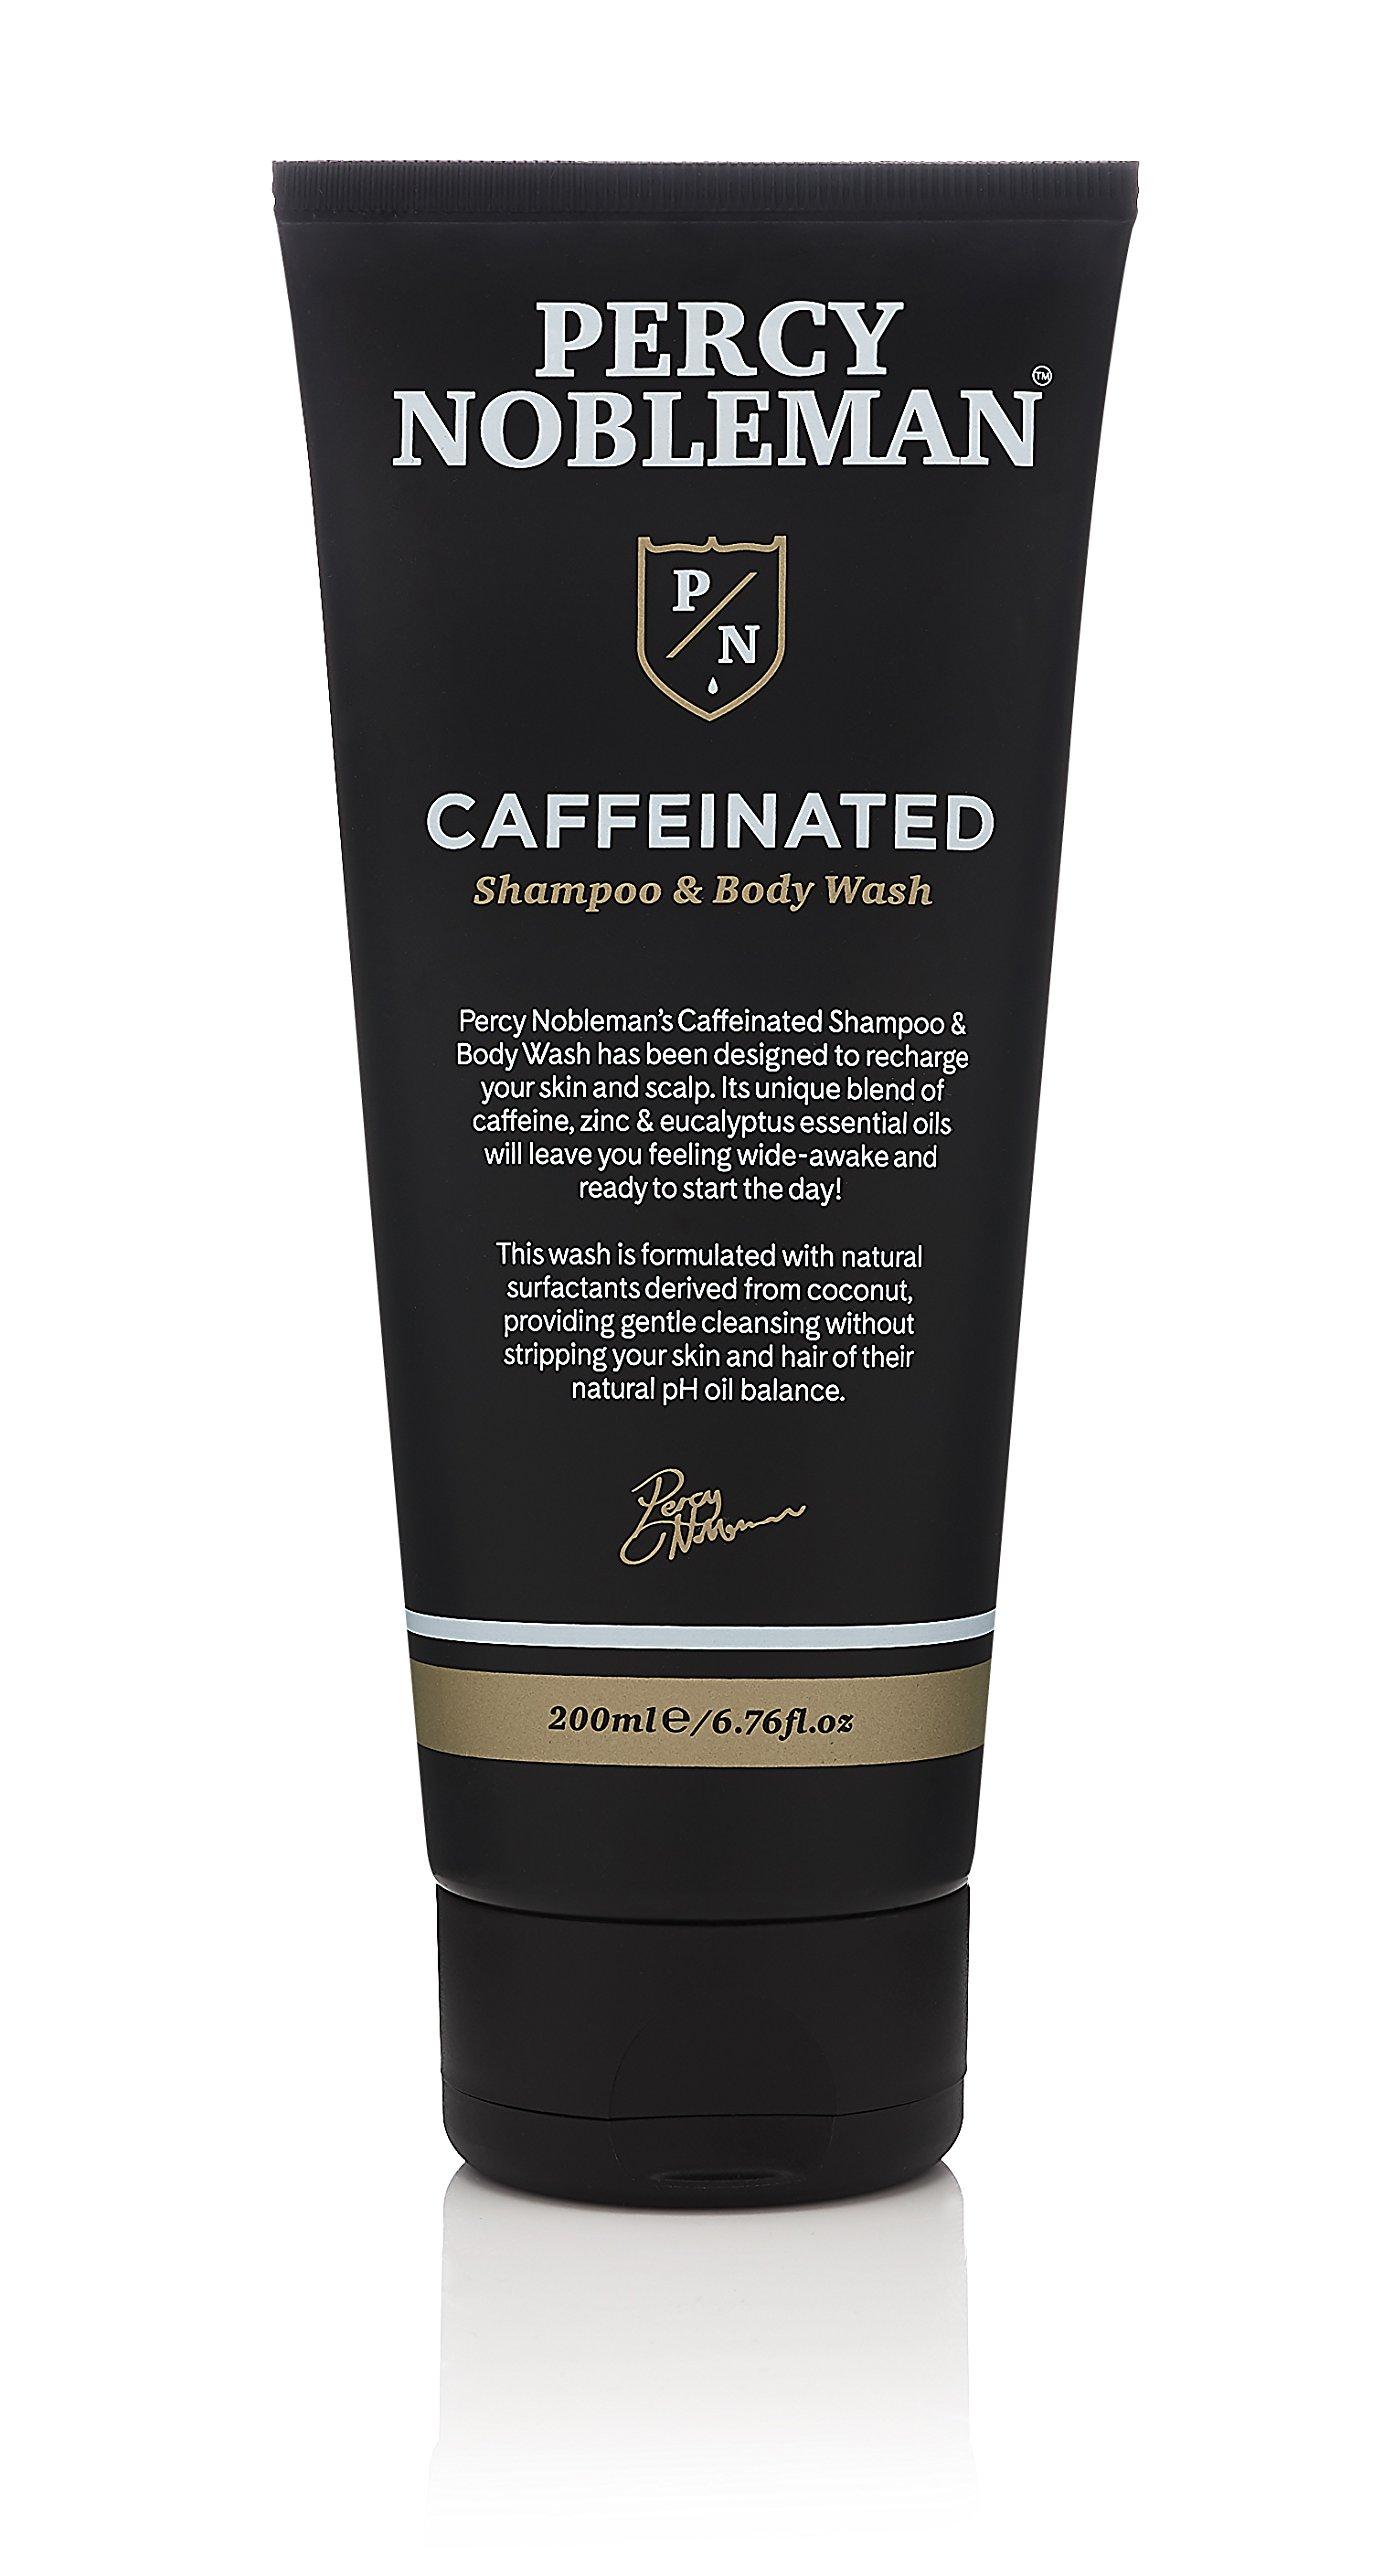 Caffeinated shampoo & Body Wash by Percy Nobleman 200ml